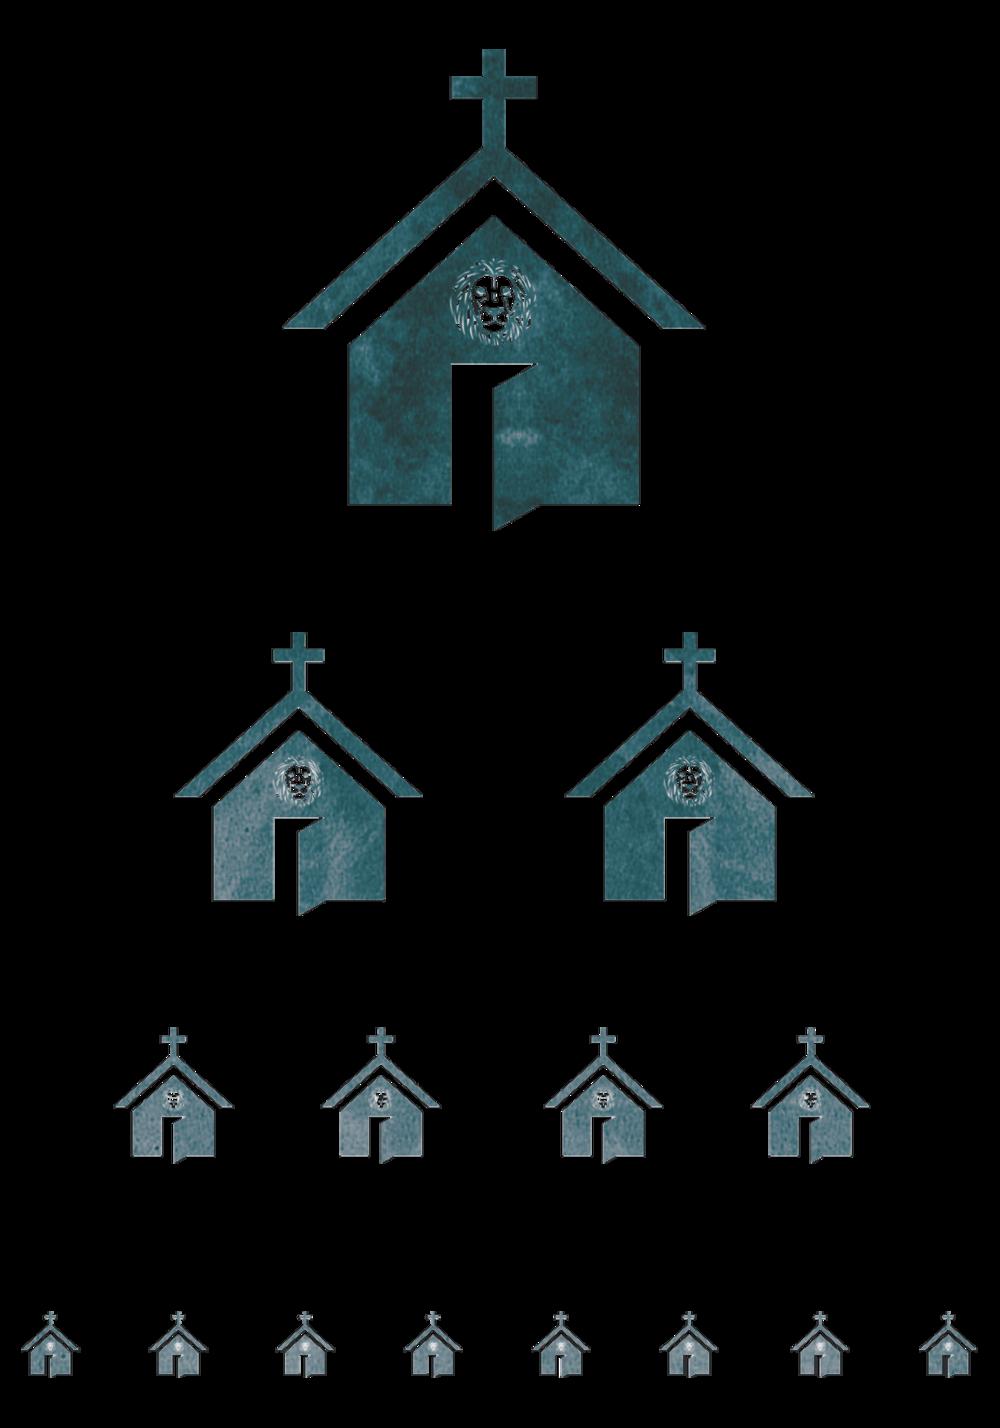 church web2.png